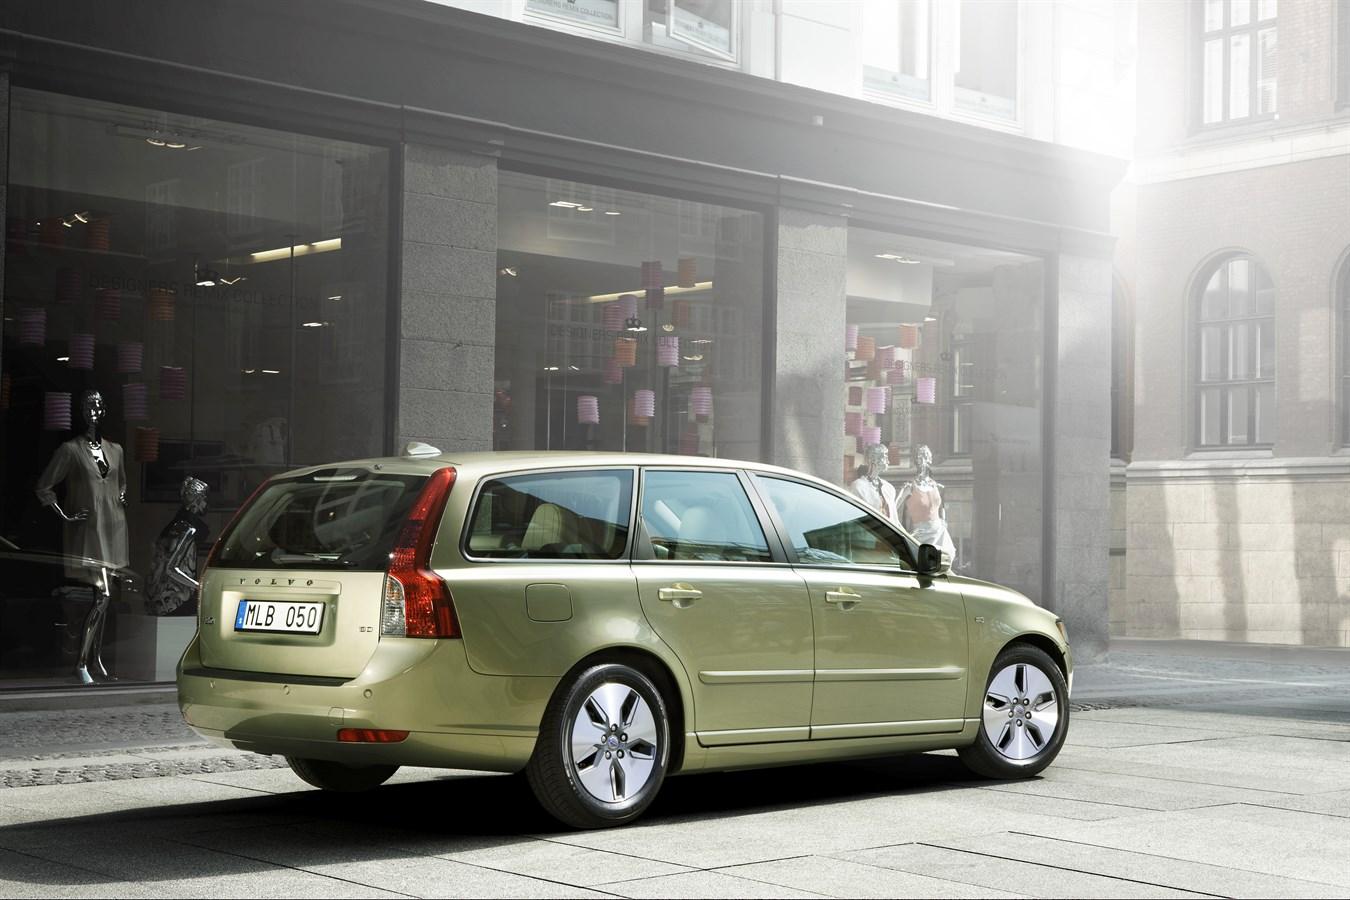 Volvo V50 - model year 2010 - Volvo Car Group Global Media Newsroom